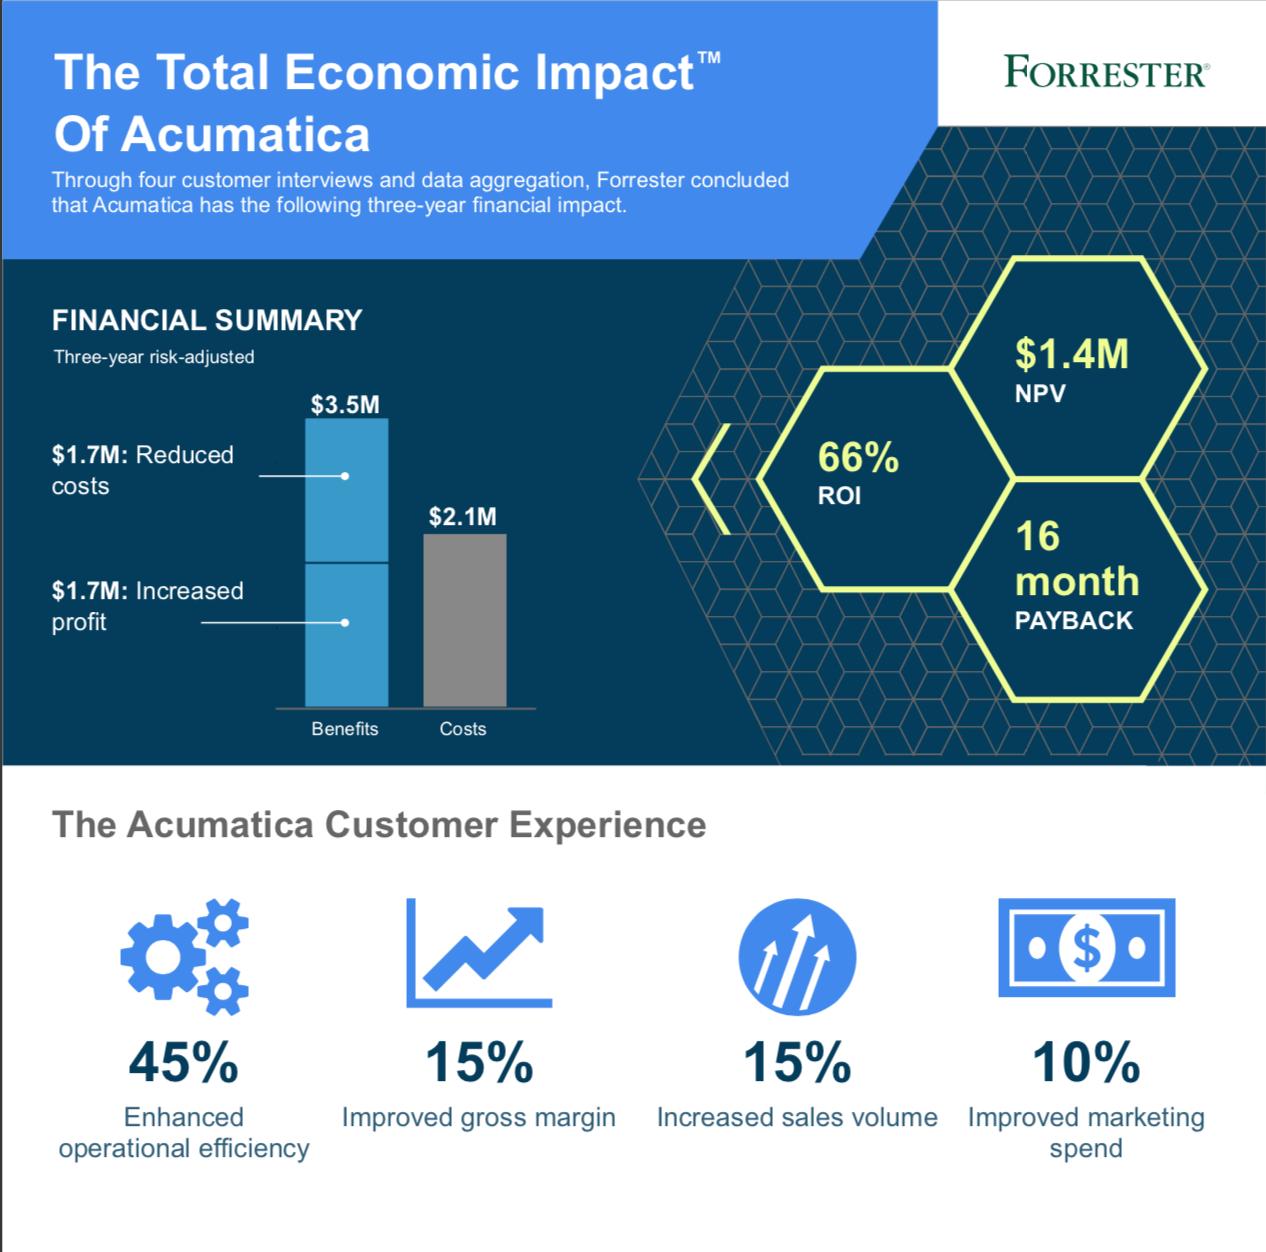 economic impact of acumatica infographic